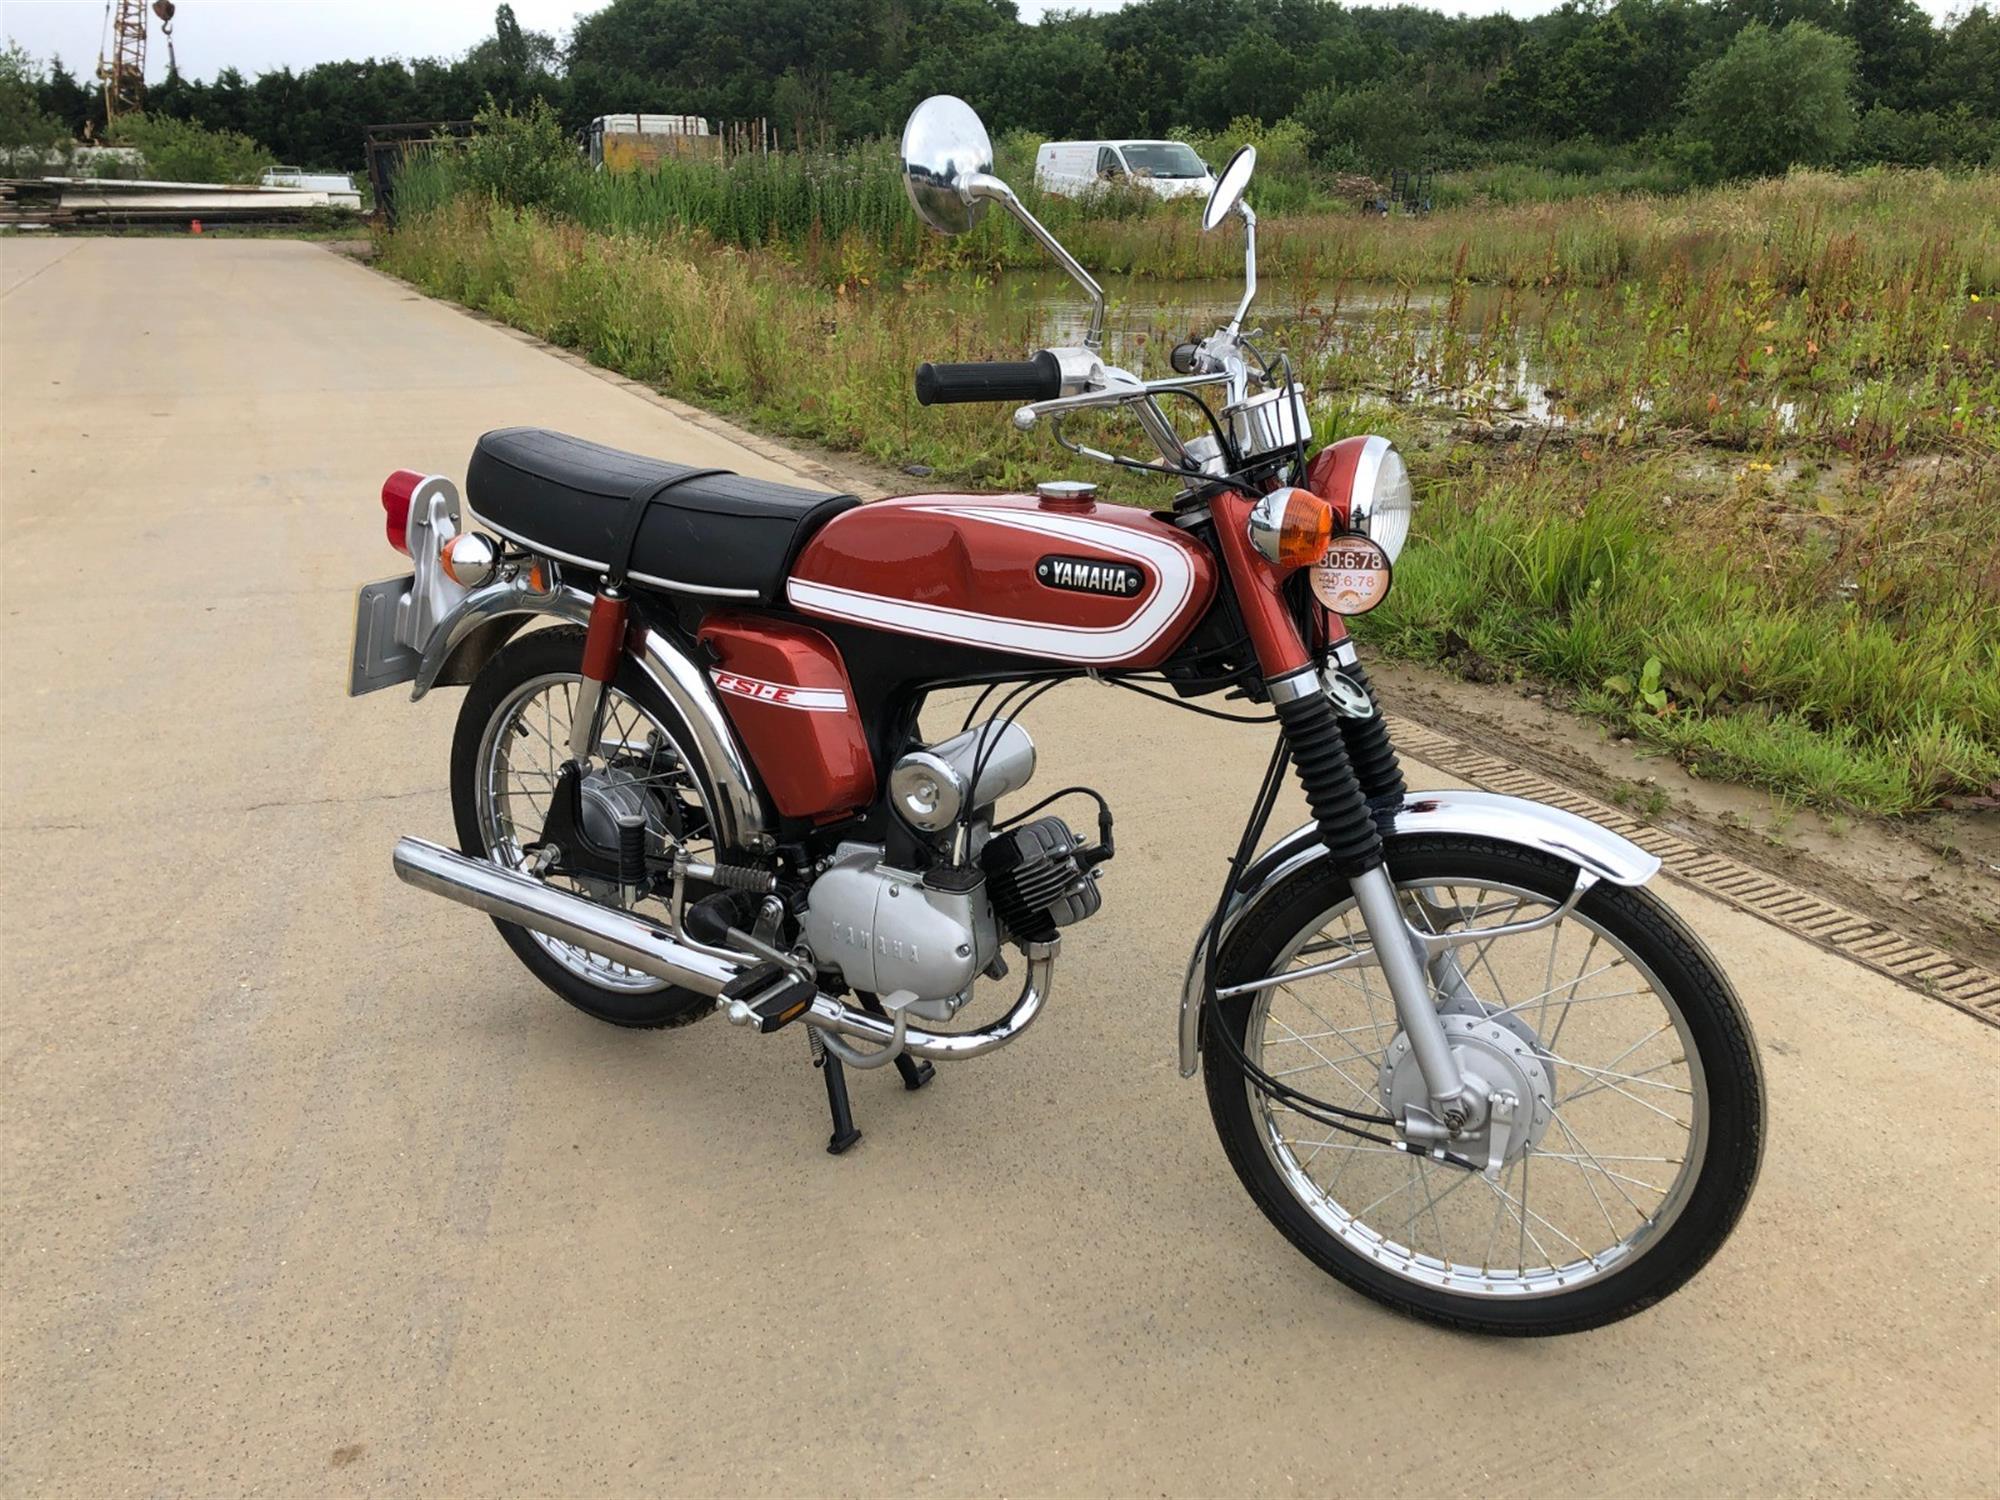 1977 Yamaha FS1-E - Image 3 of 8